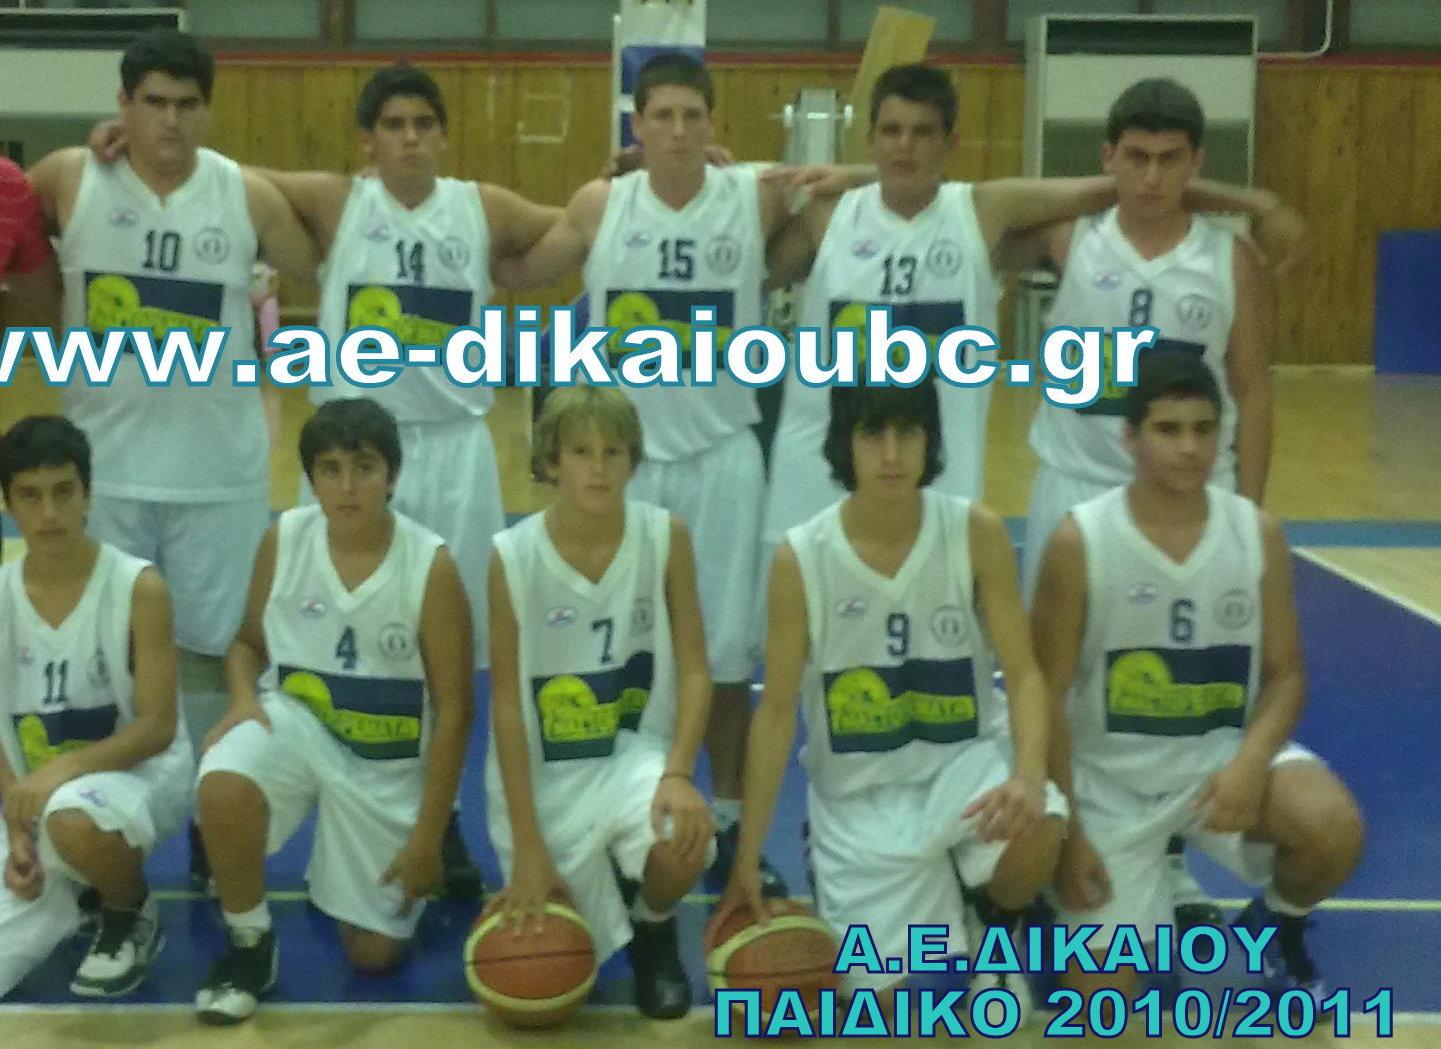 ΠΑΙΔΙΚΟ 2010-2011